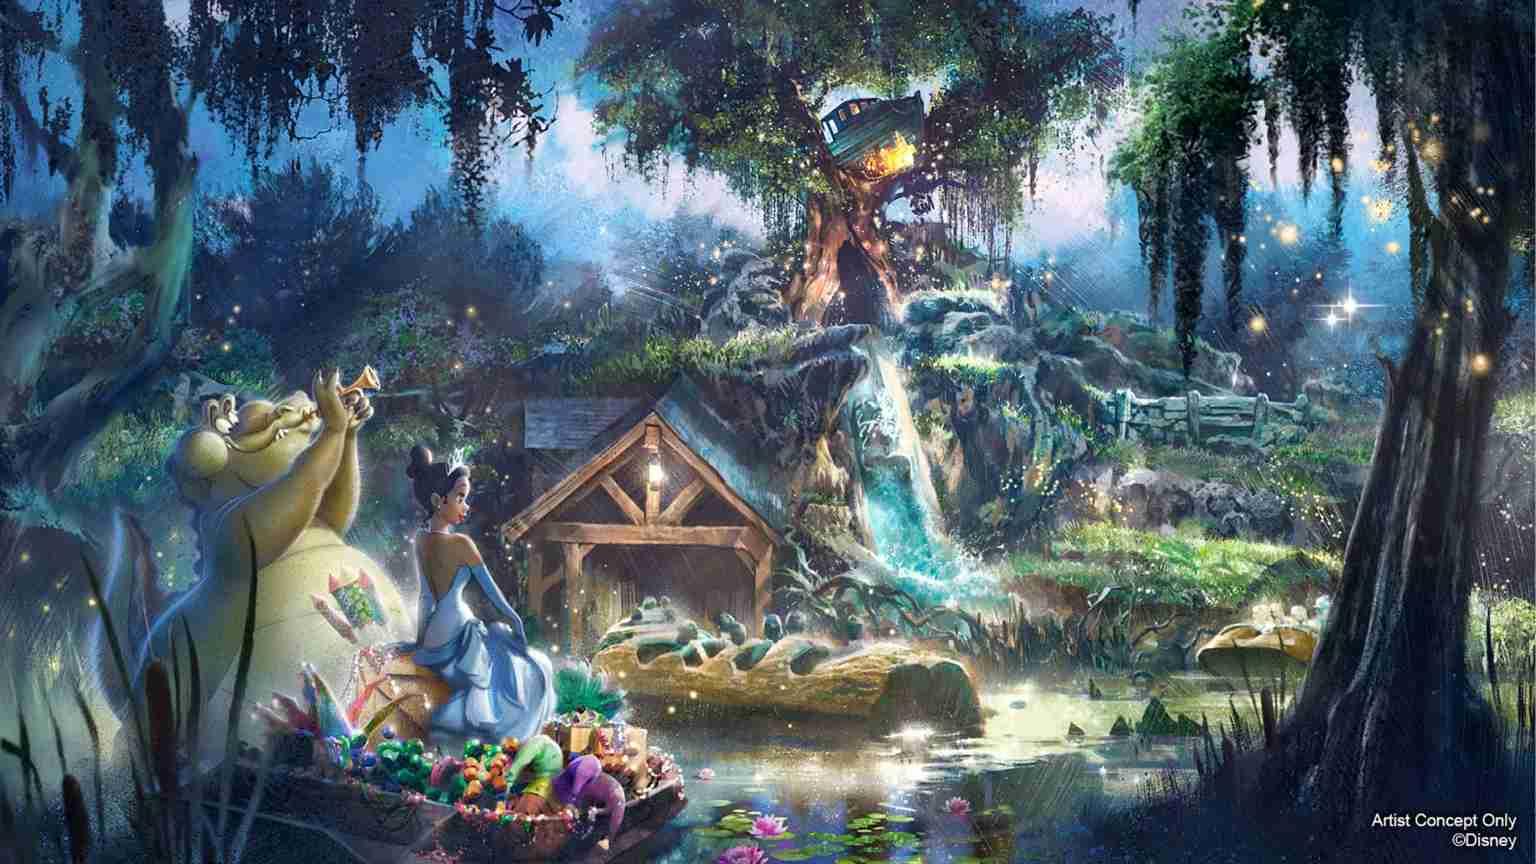 (Image courtesy of Disney)